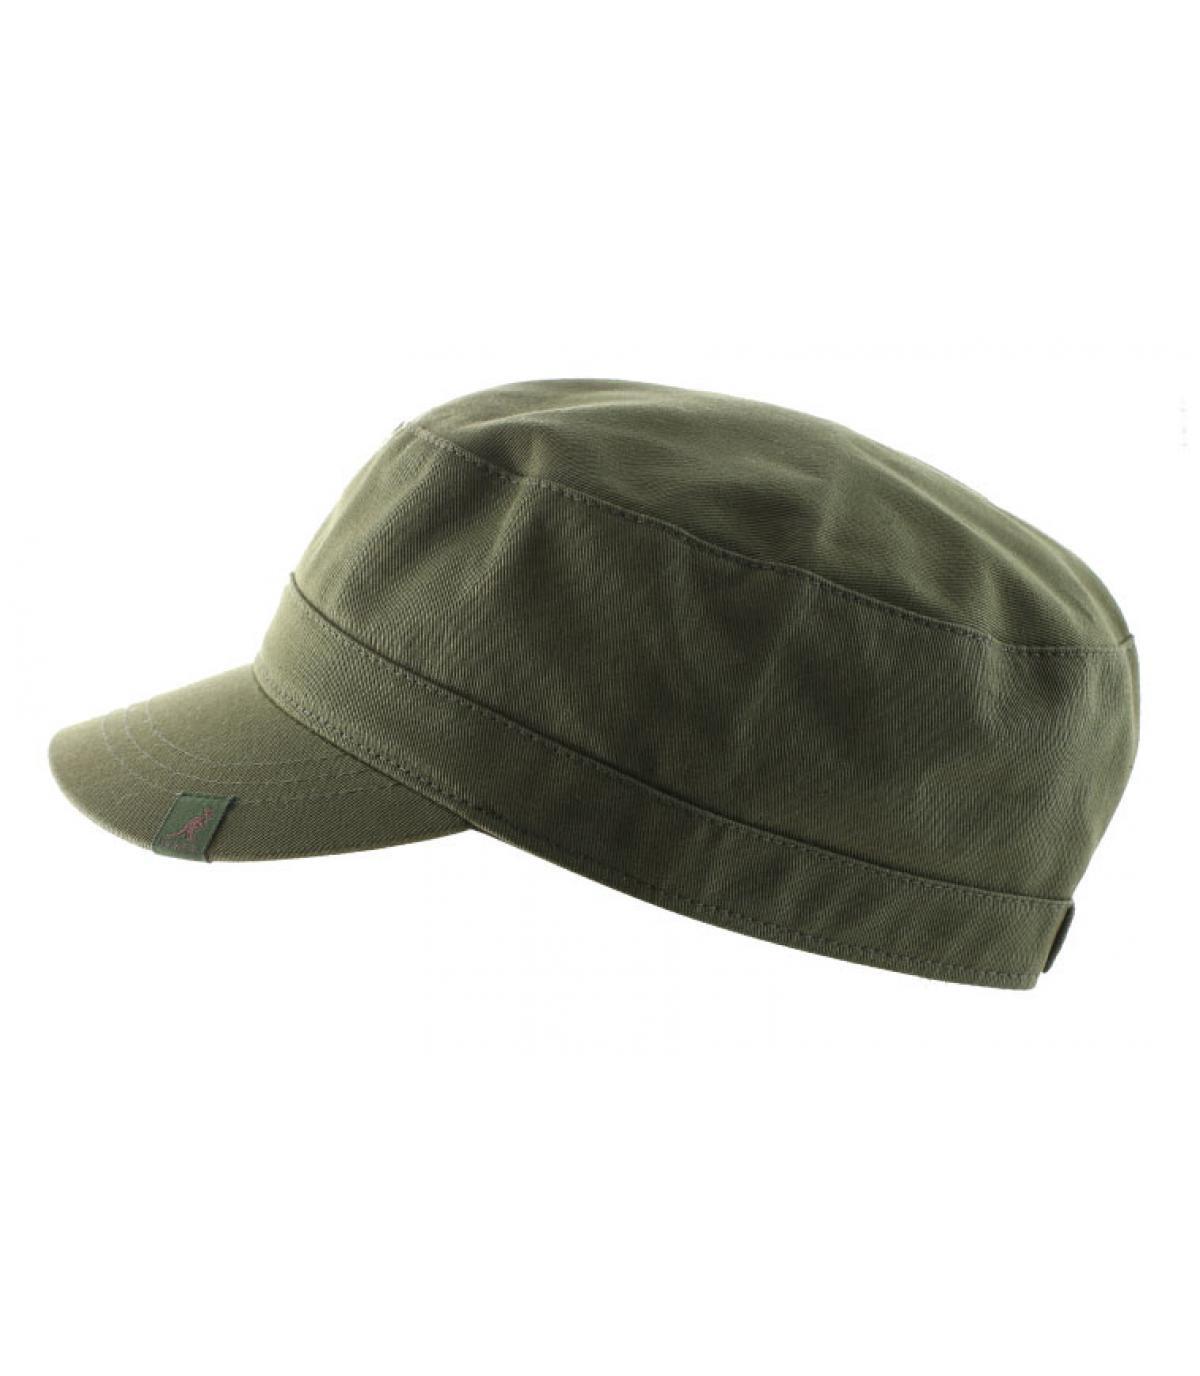 Détails Cotton twill army cap beige - image 2